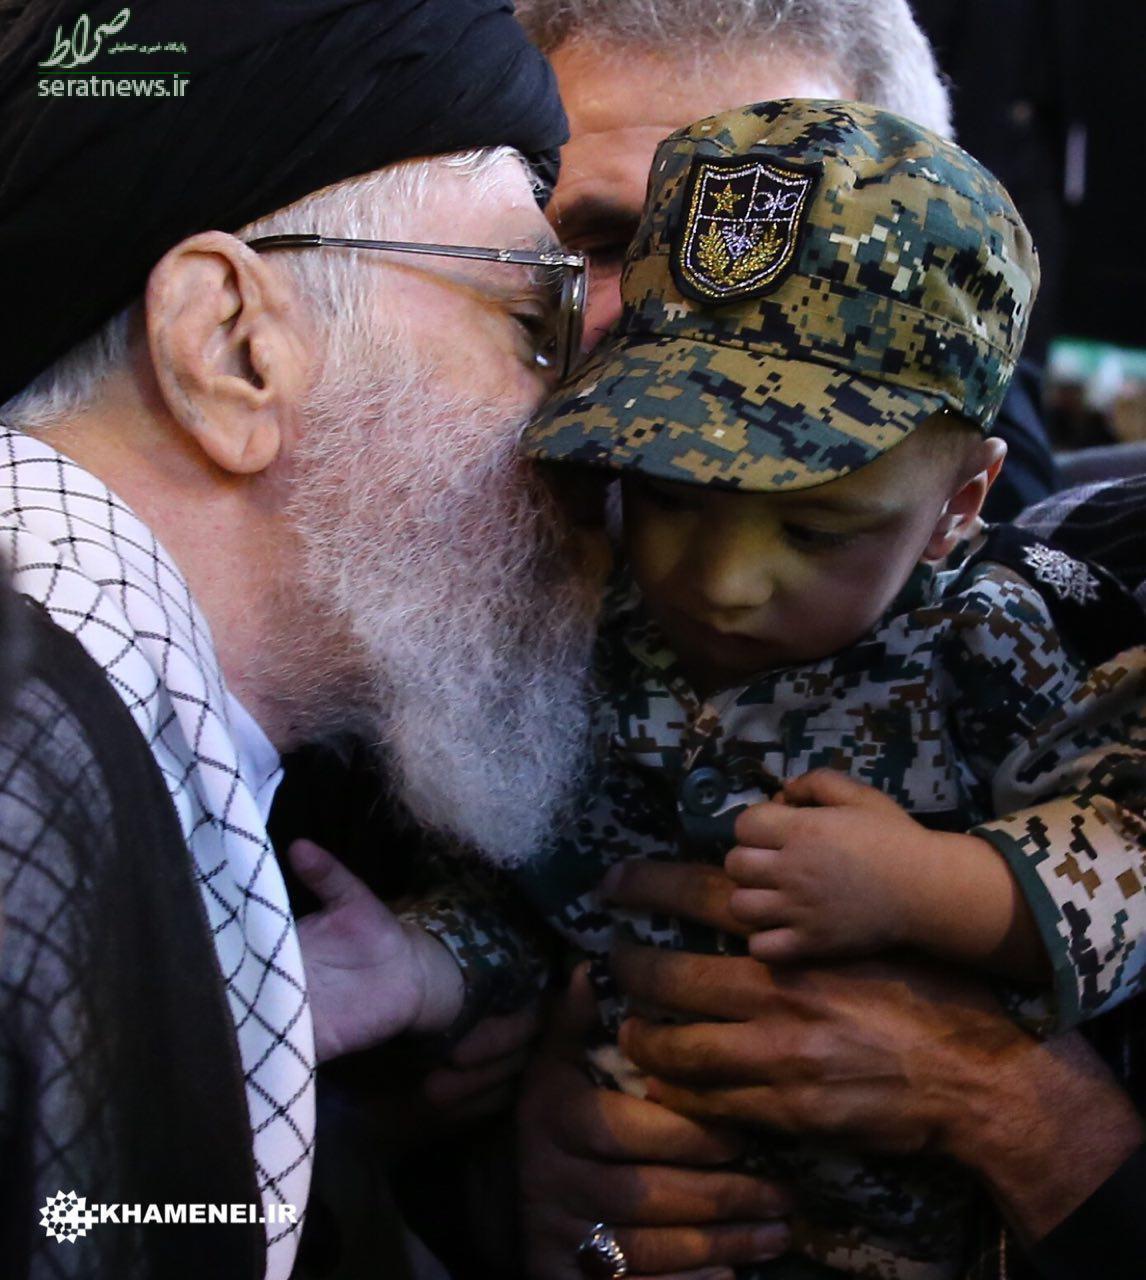 عکس/ بوسه رهبرانقلاب بر فرزند شهید حججی